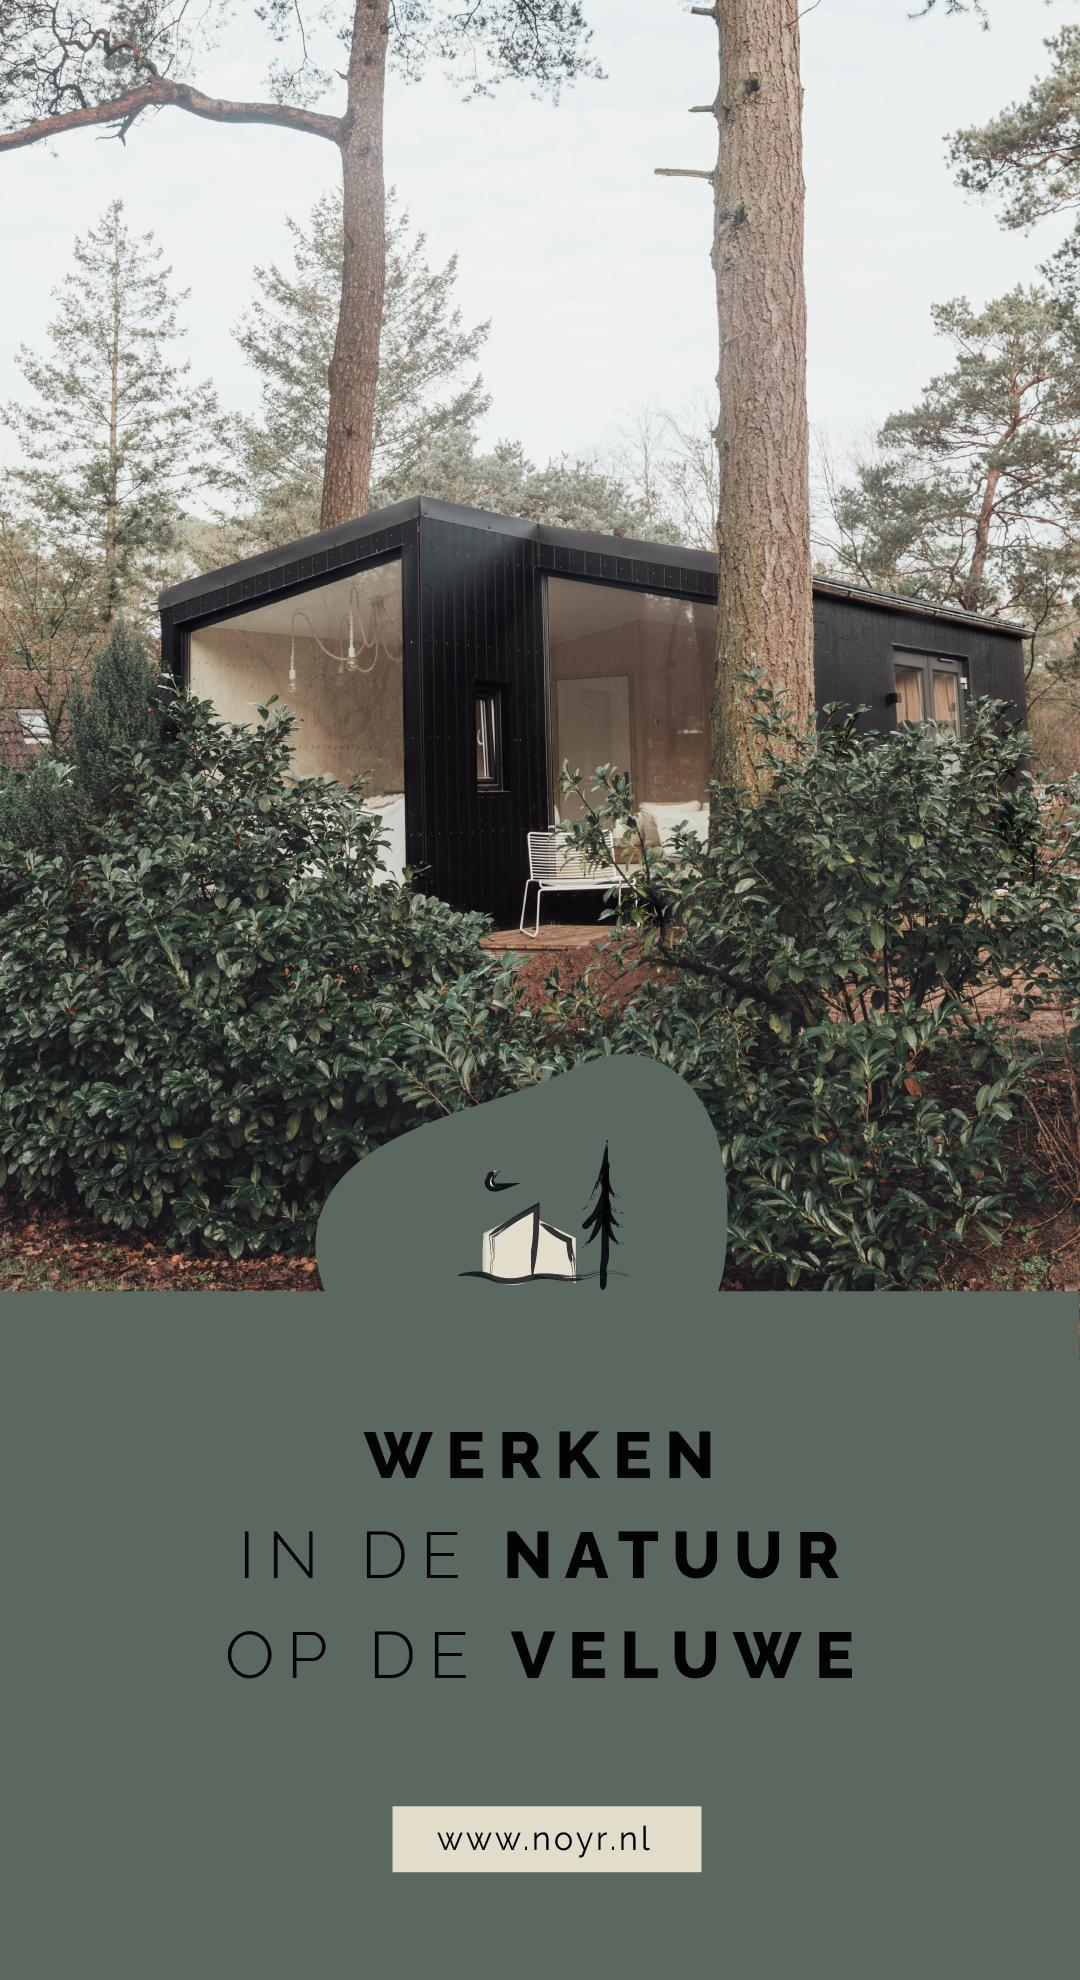 Werken in de natuur op de Veluwe - tiny house - workation Nederland